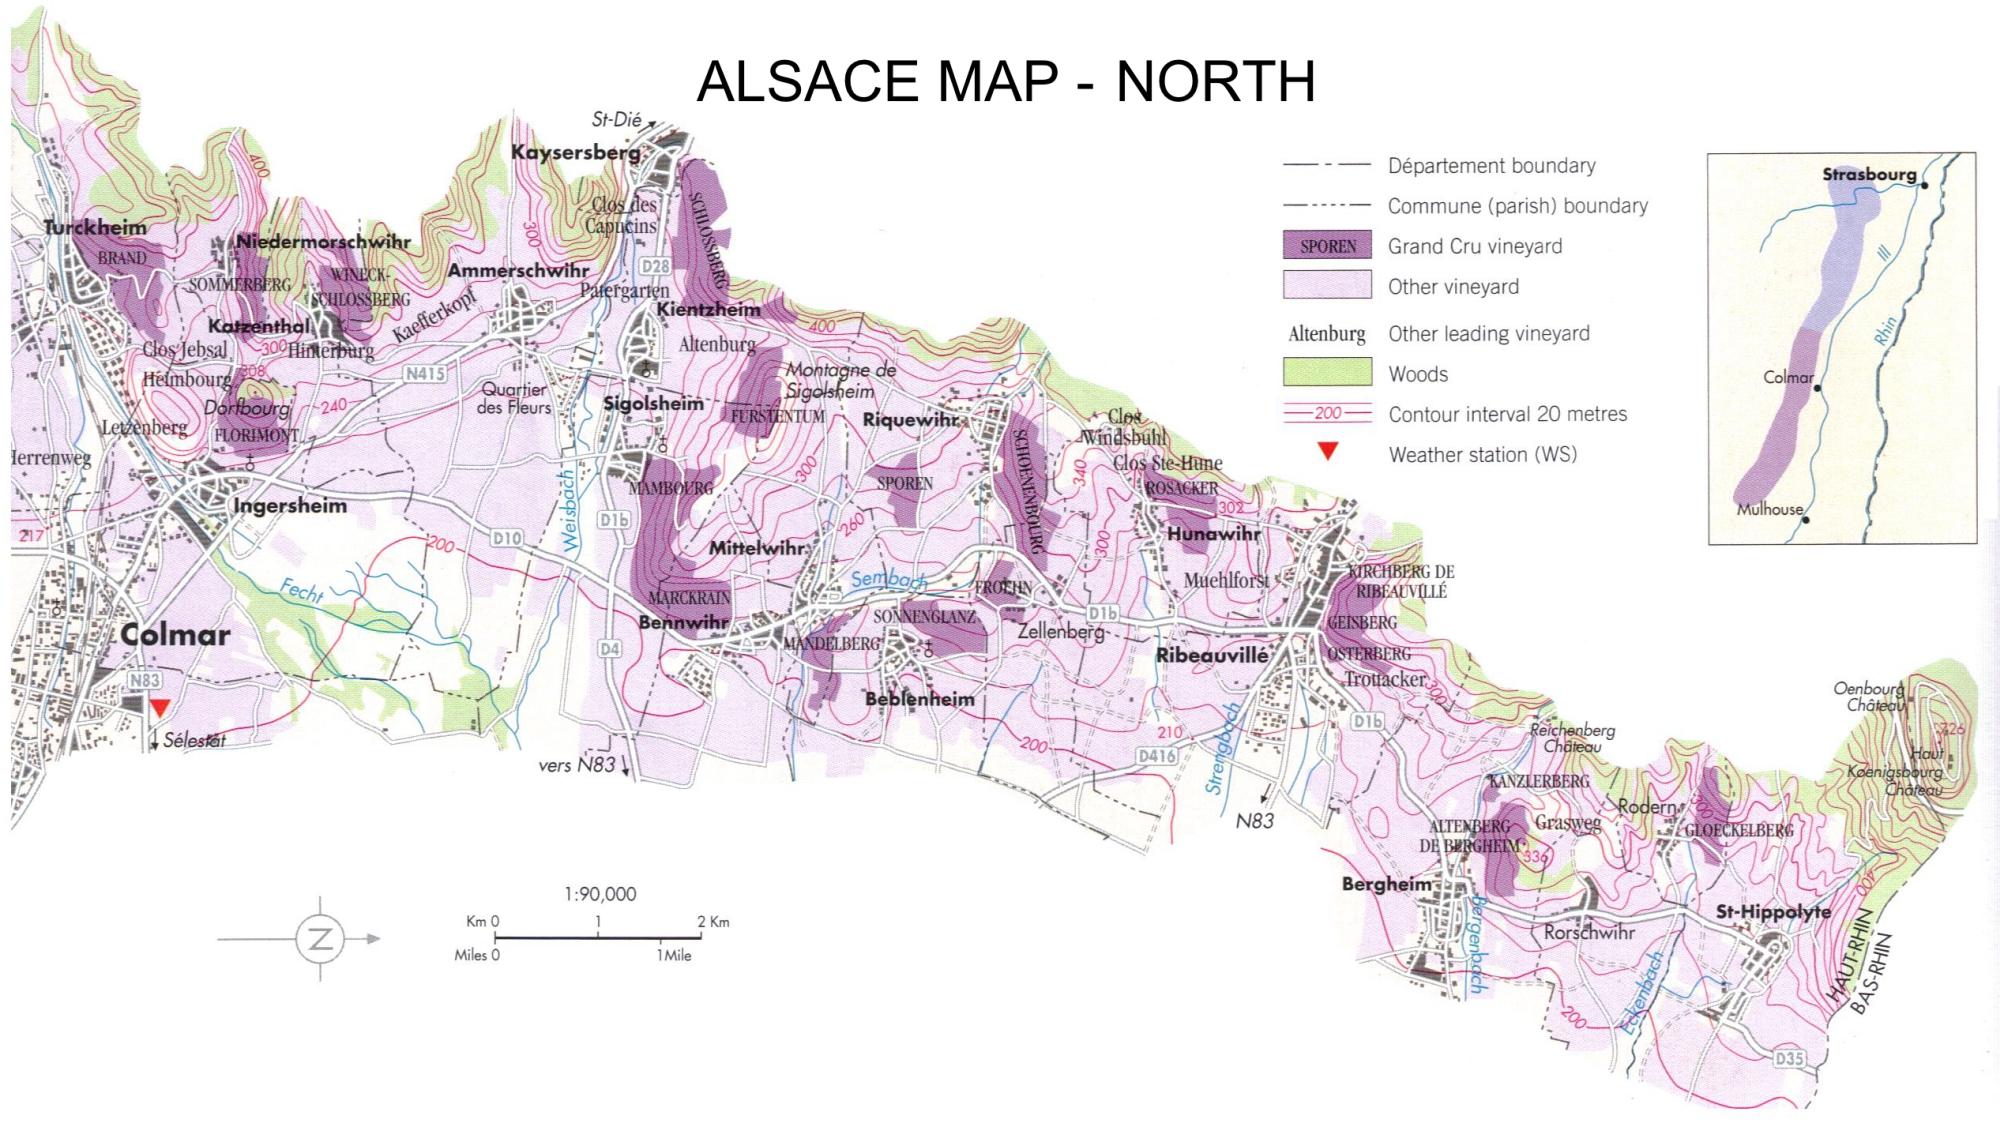 5517 GERARD SCHUELLER ALSACE PINOT GRIS RESERVE 2012 750ml